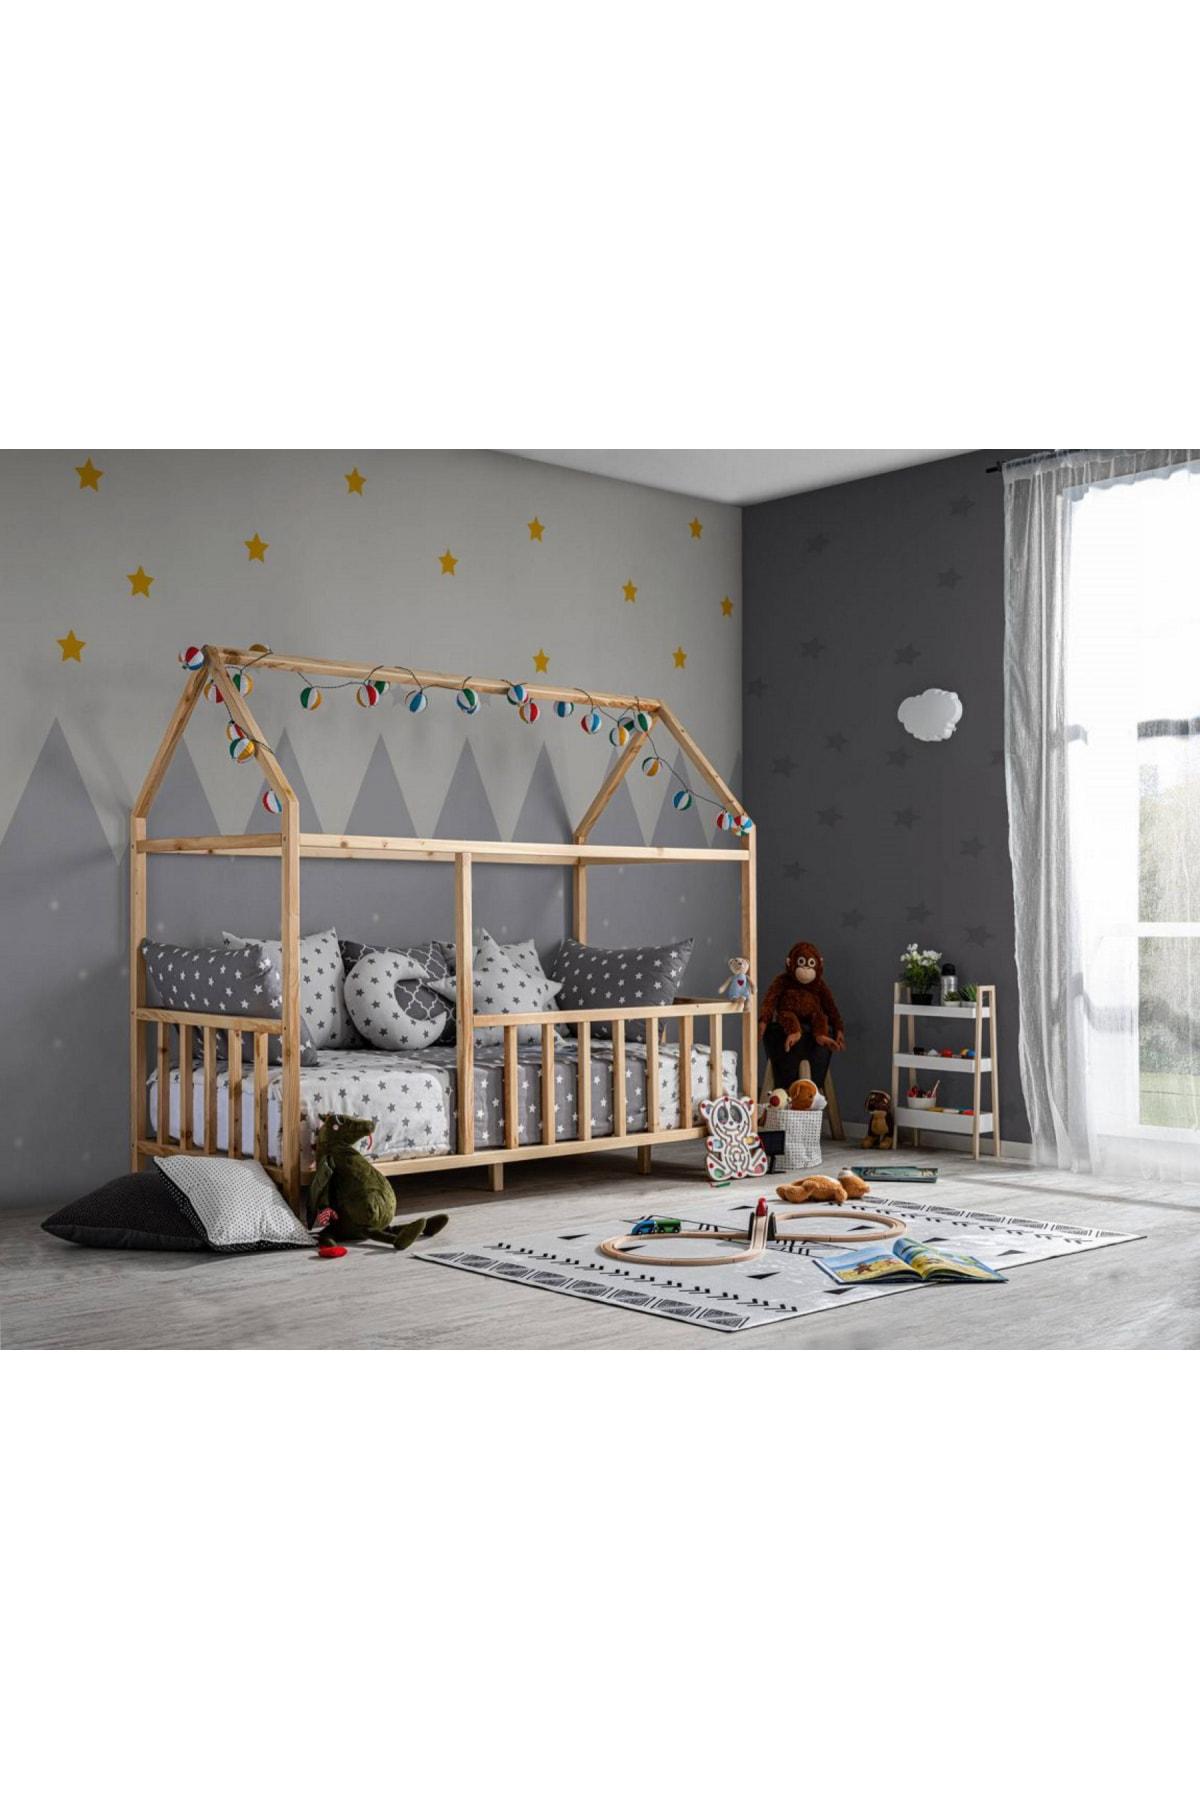 Baby Kinder Çatılı Doğal Montessori Bebek & Çocuk Karyolası 2